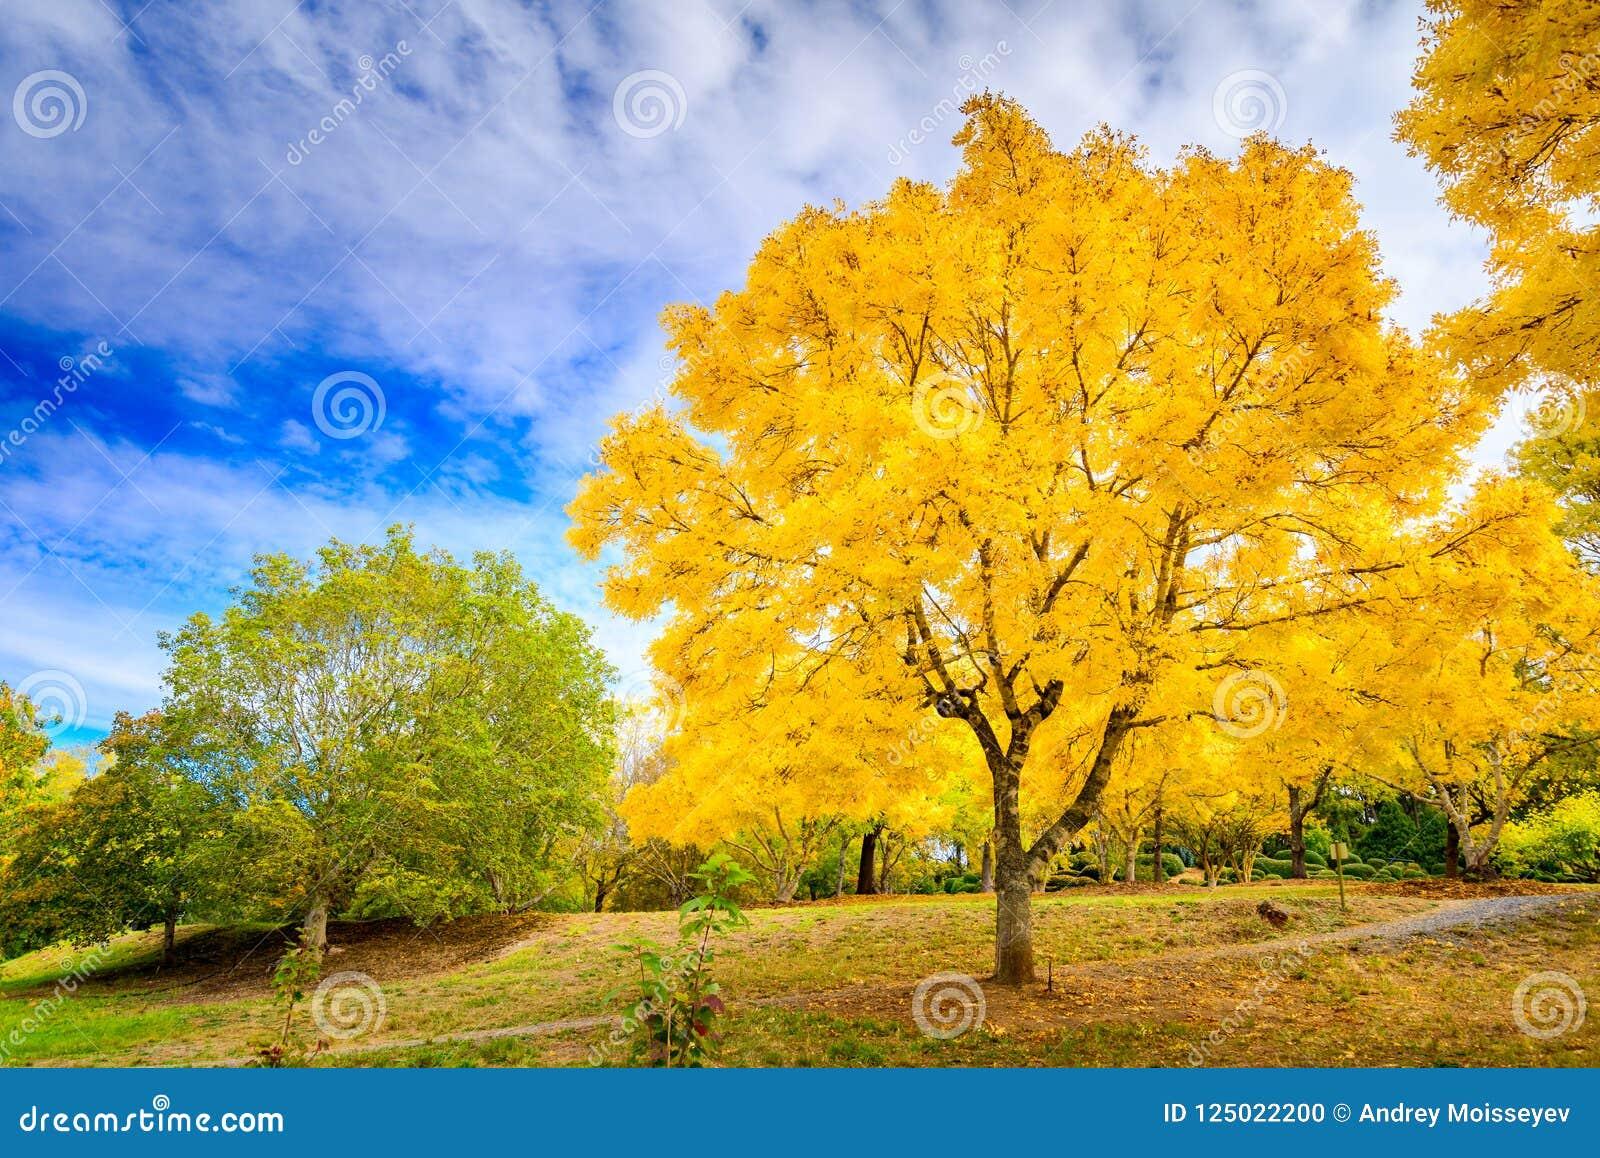 Australian Autumn In Mount Lofty, Adelaide Hills Stock Photo